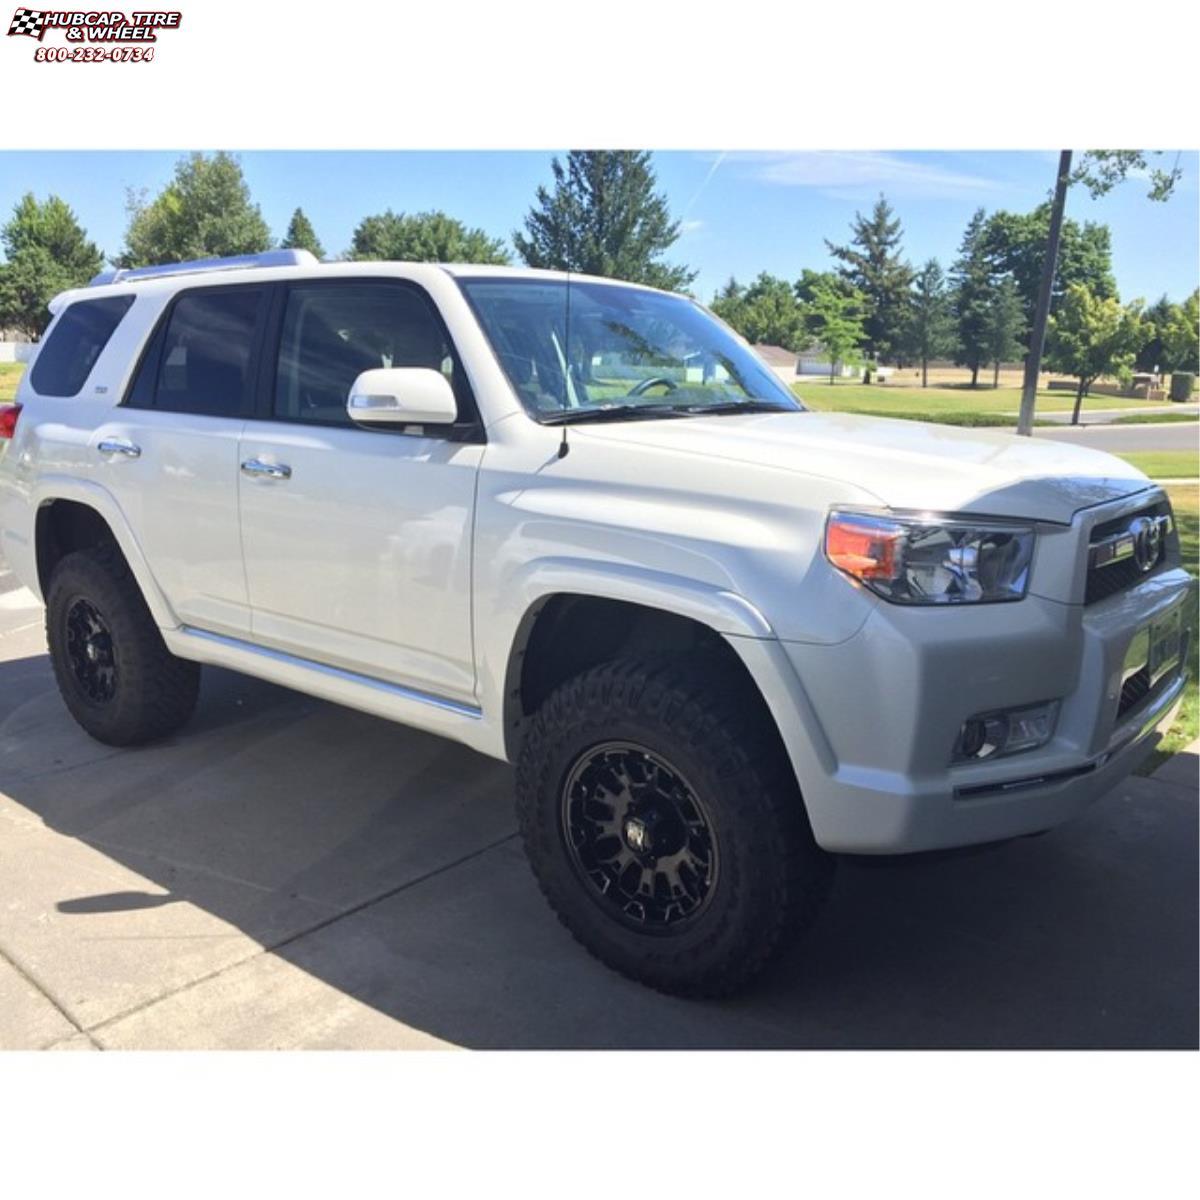 American Force Dually Wheels Black >> Toyota 4Runner XD Series XD800 Misfit Wheels Matte Black